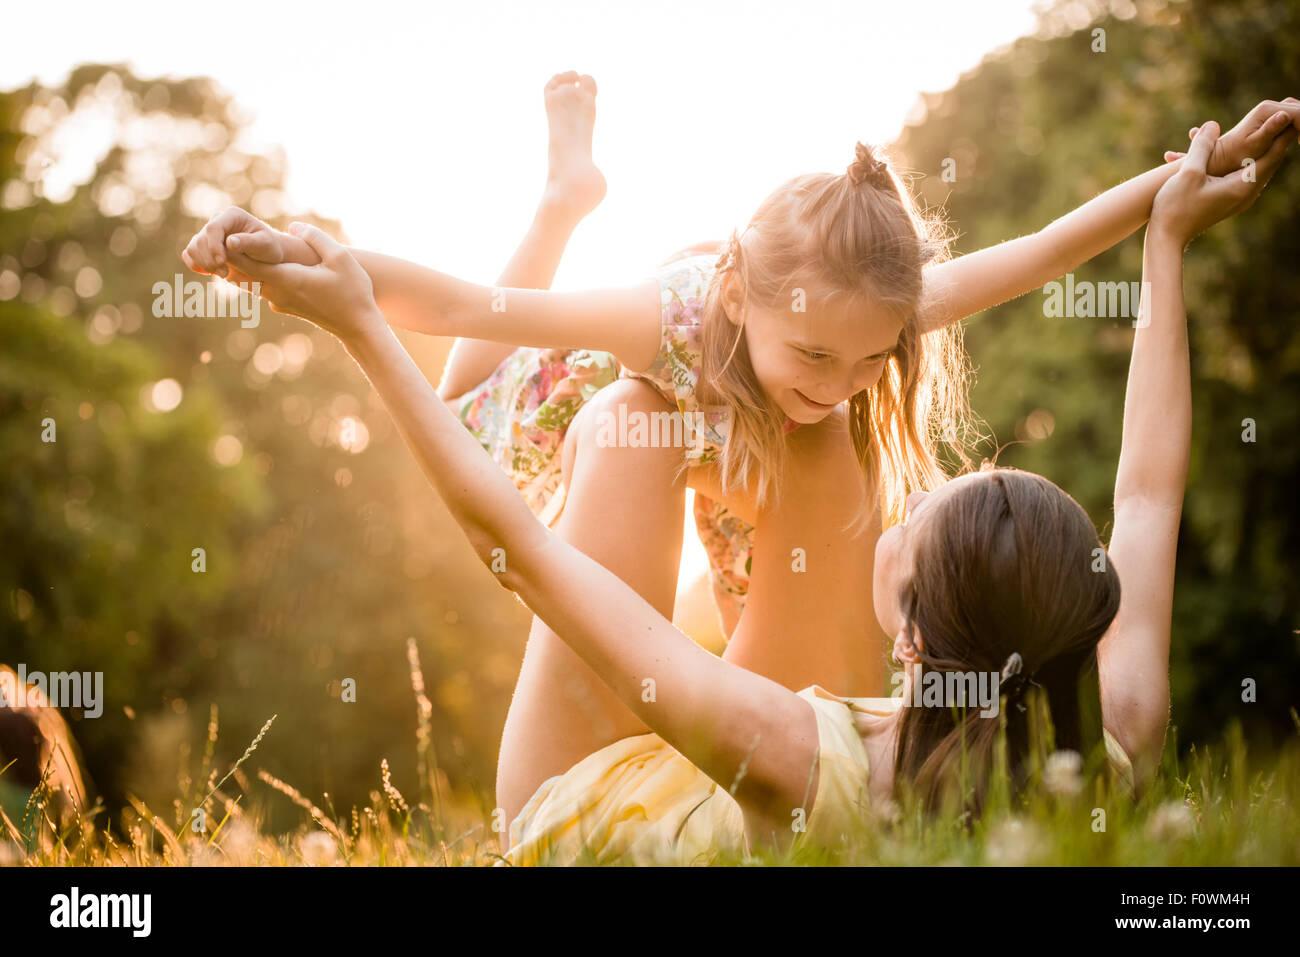 Mutter auf dem Rasen liegen und spielt mit ihrer Tochter in Flugzeug Stockbild